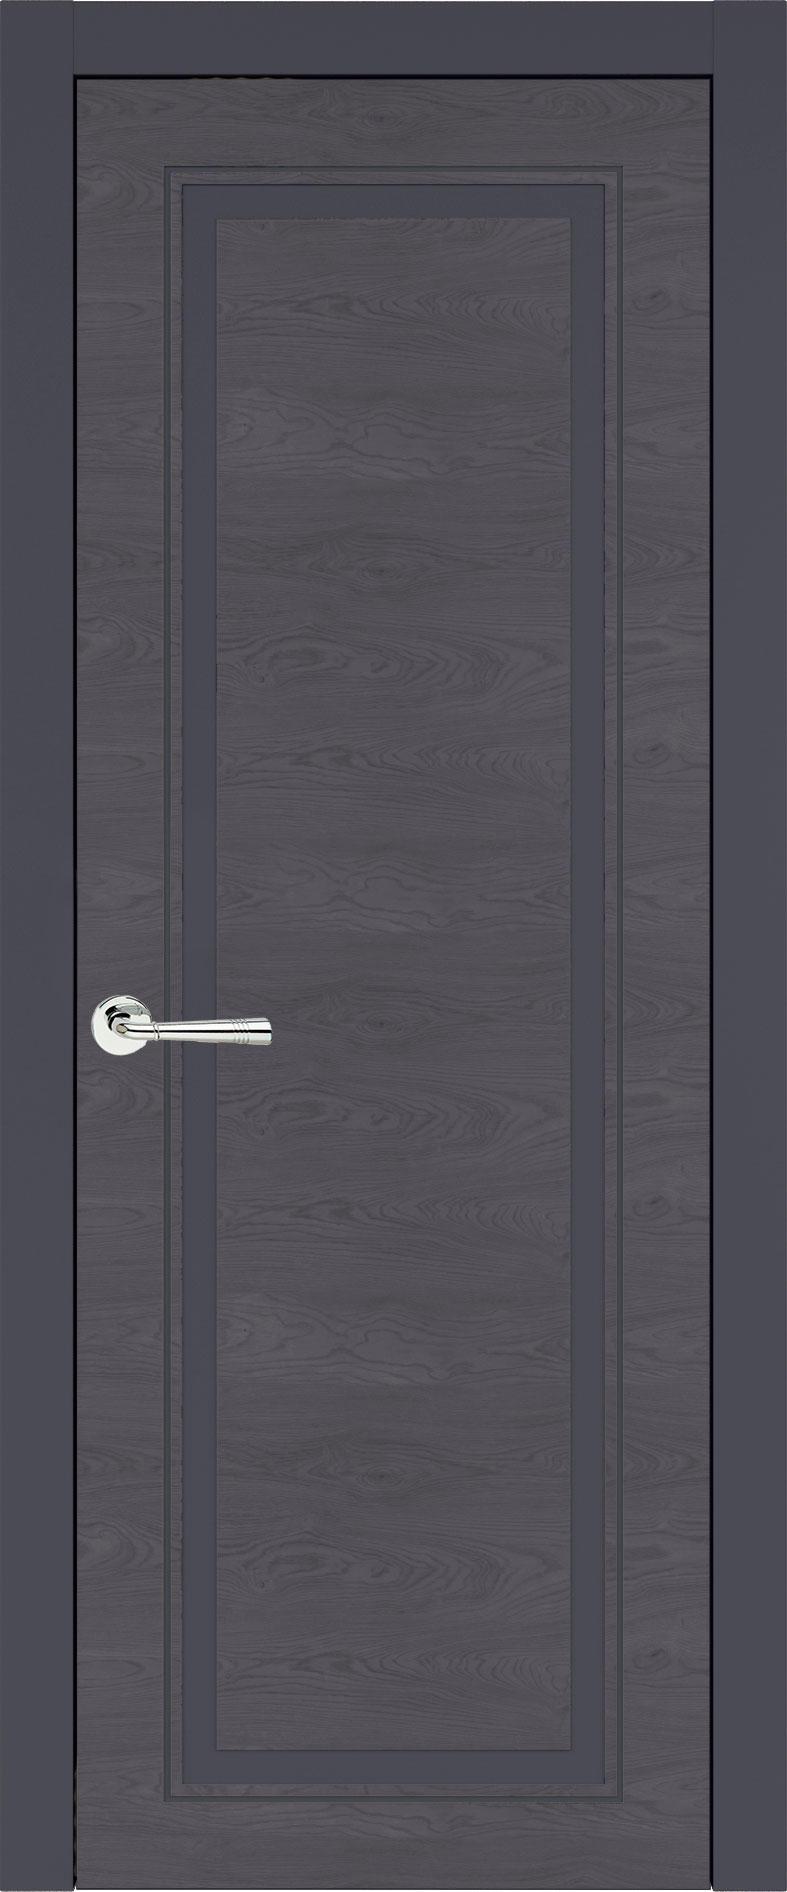 Domenica Neo Classic цвет - Графитово-серая эмаль по шпону (RAL 7024) Без стекла (ДГ)